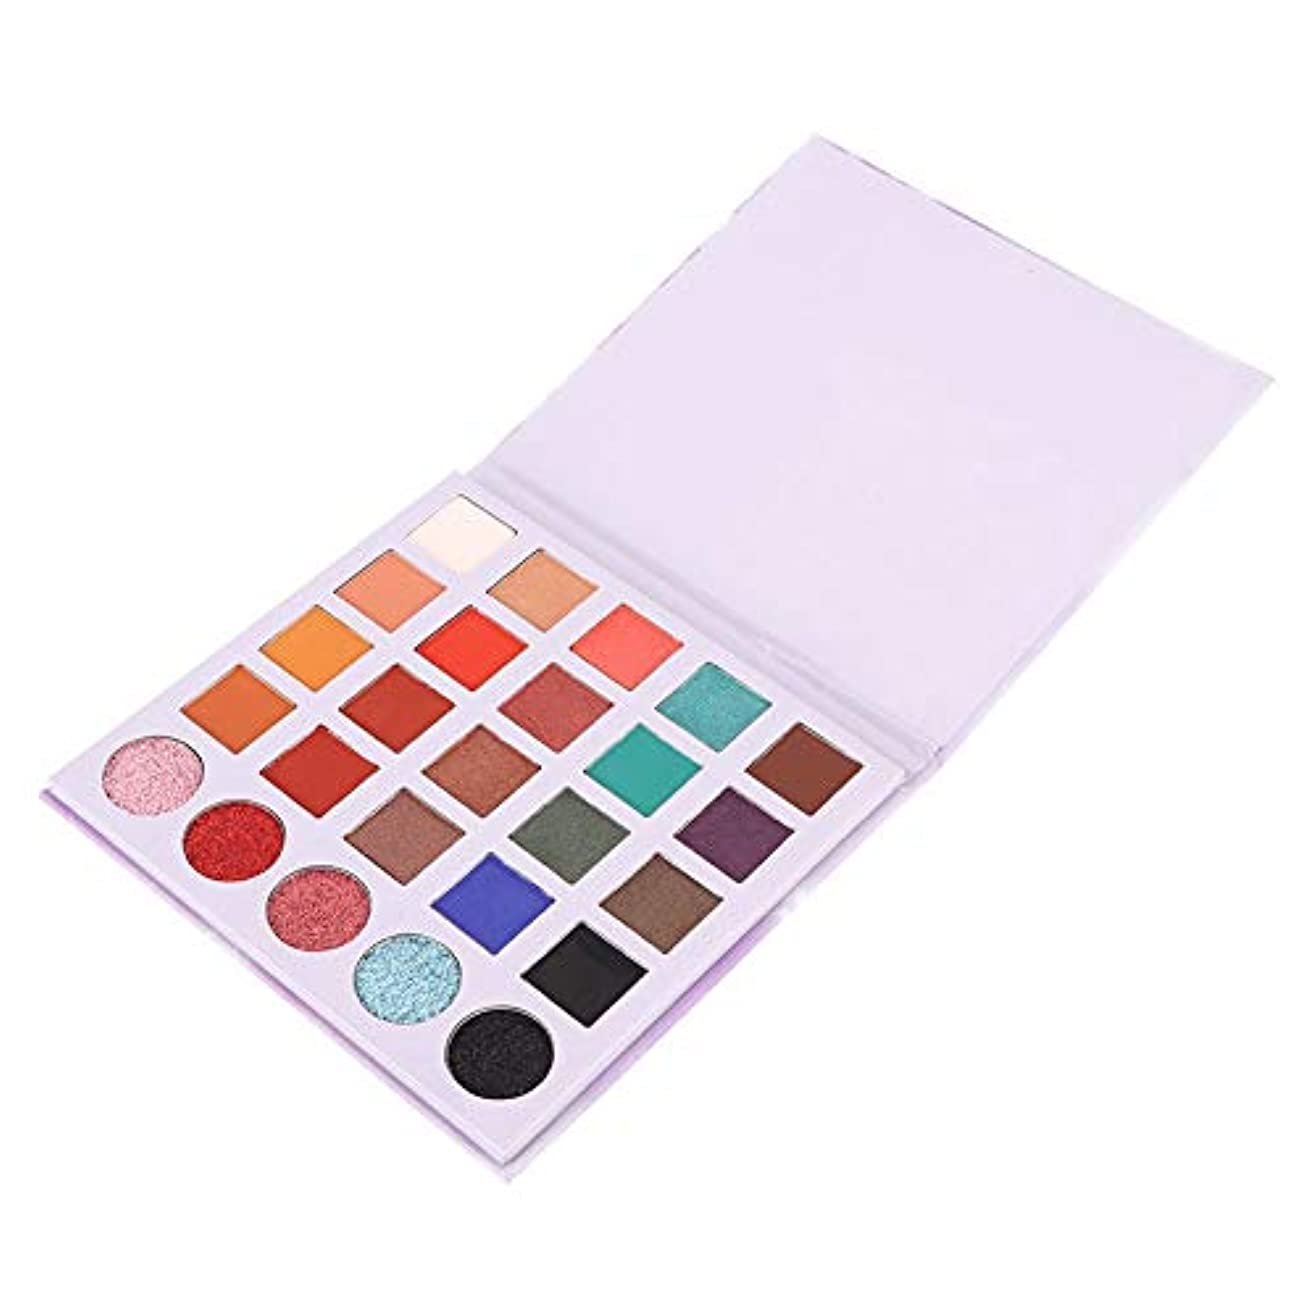 指定敬意を表してパラメータアイシャドウパレット 25色 アイシャドウパレット 化粧 マットグロスアイシャドウパウダー 化粧品ツール